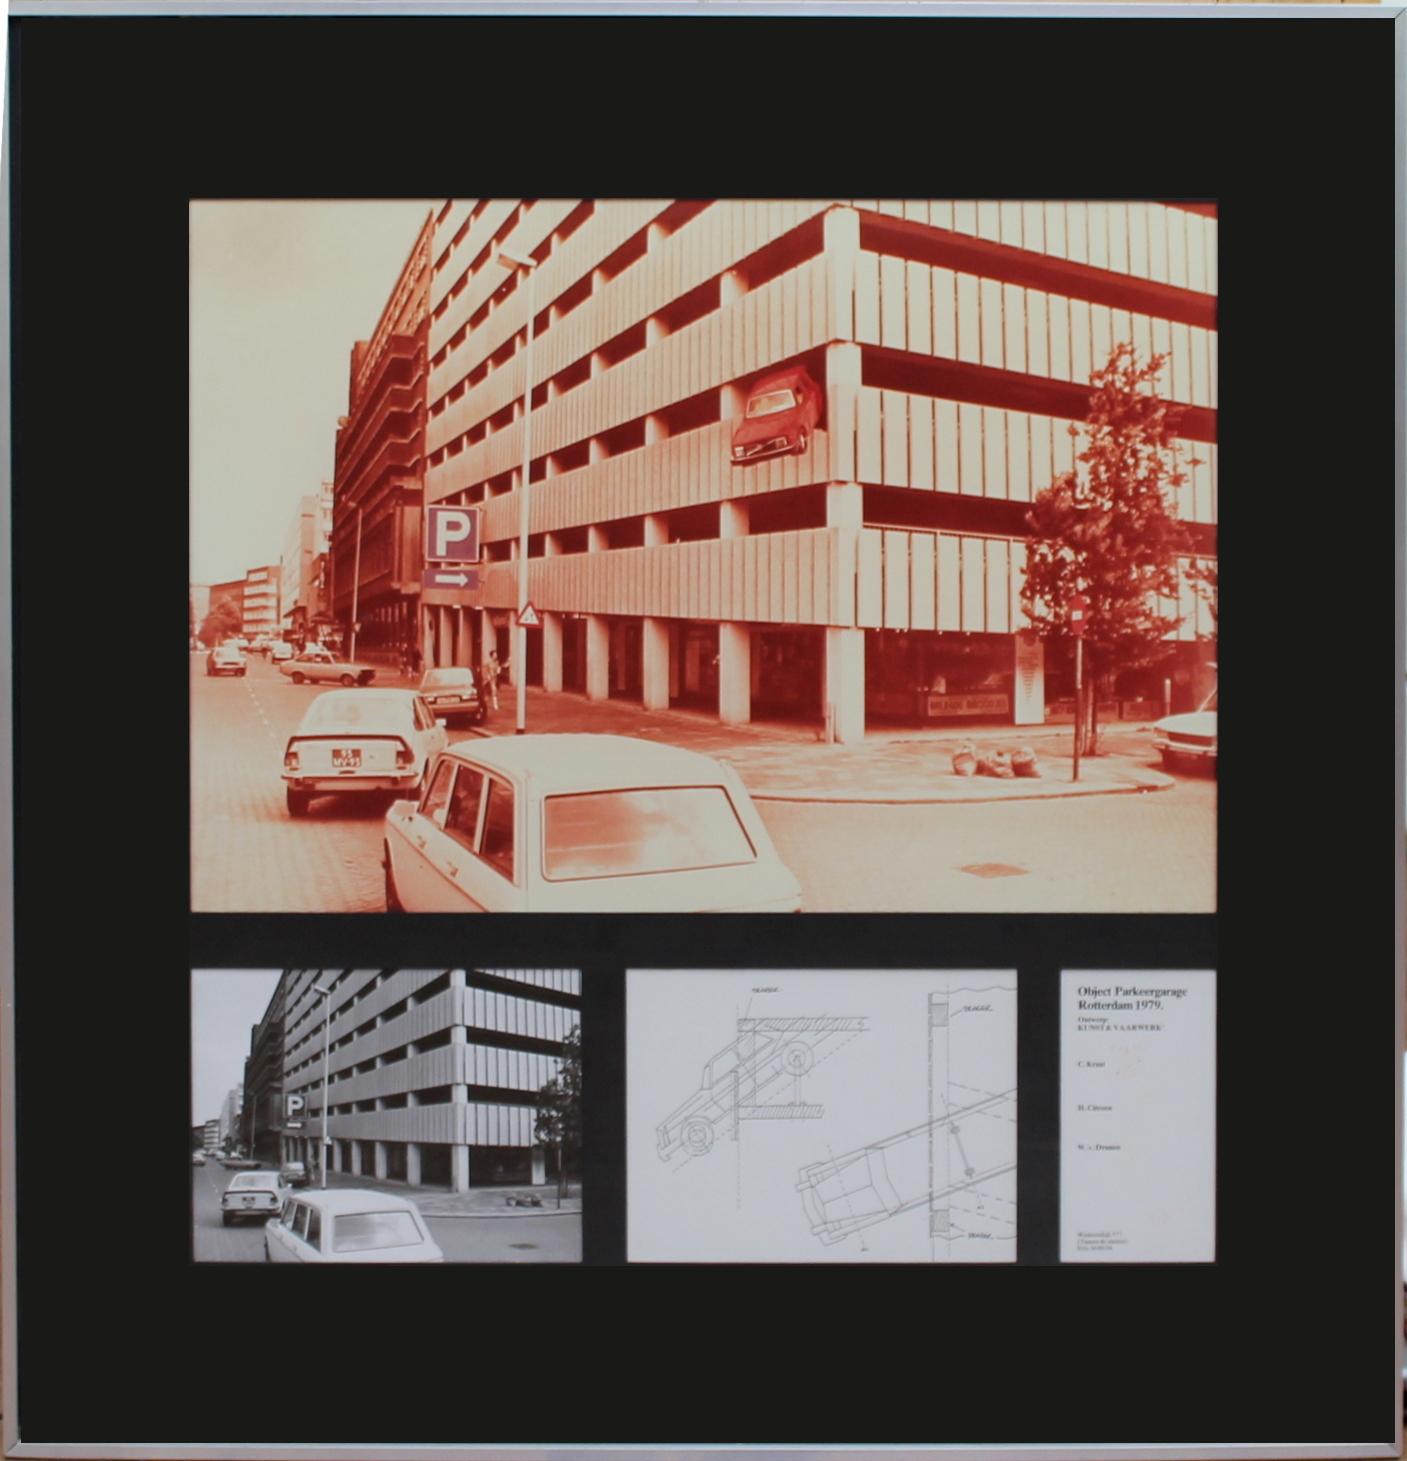 Kunst & Vaarwerk-Property Parking garage-1979